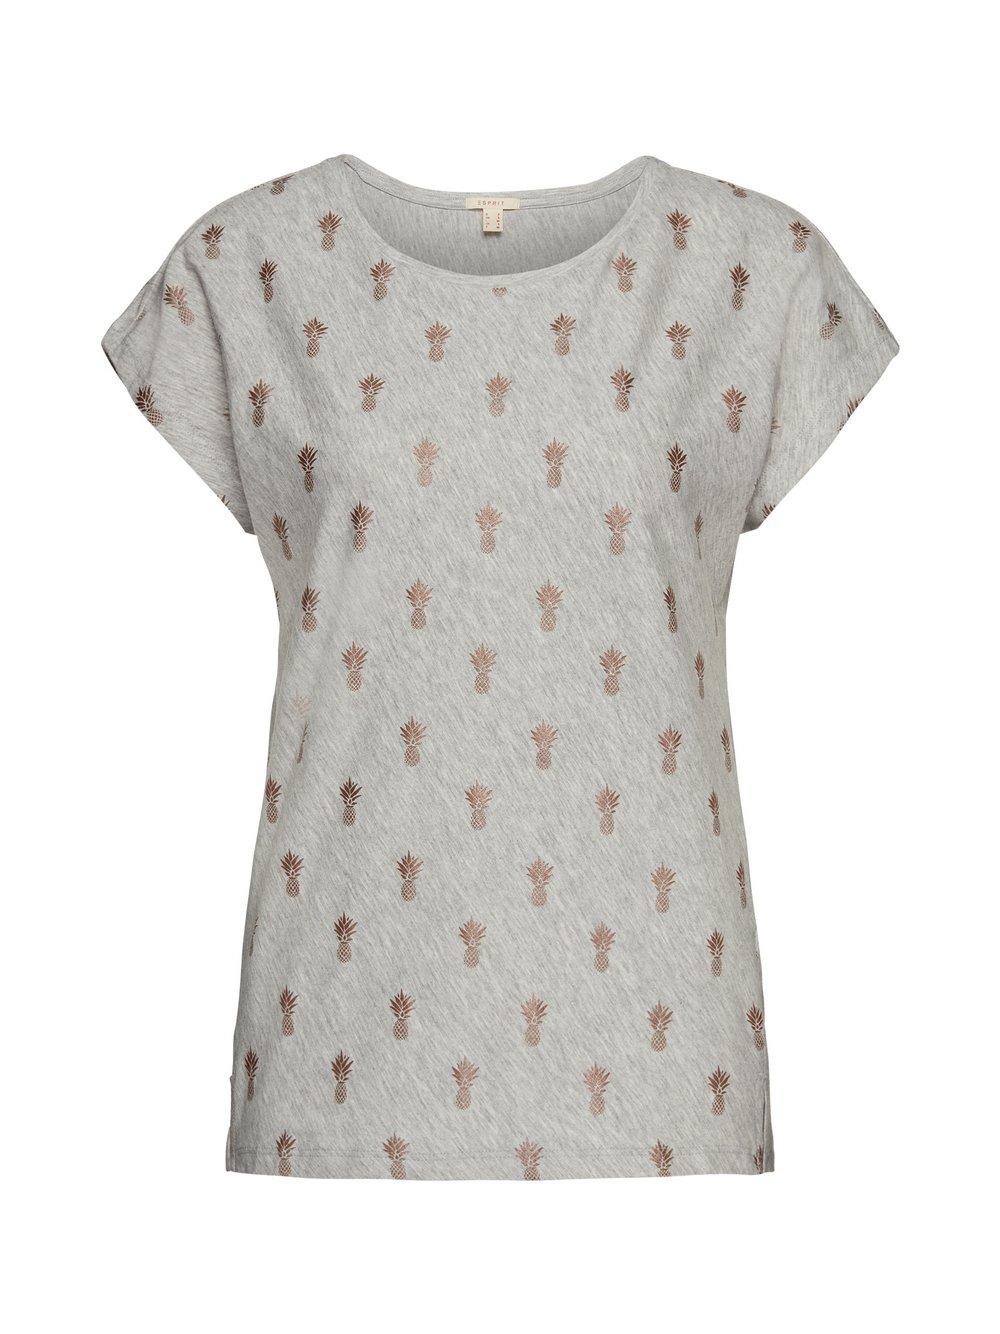 Esprit Casual Damen T Shirt online kaufen | PEEK UND